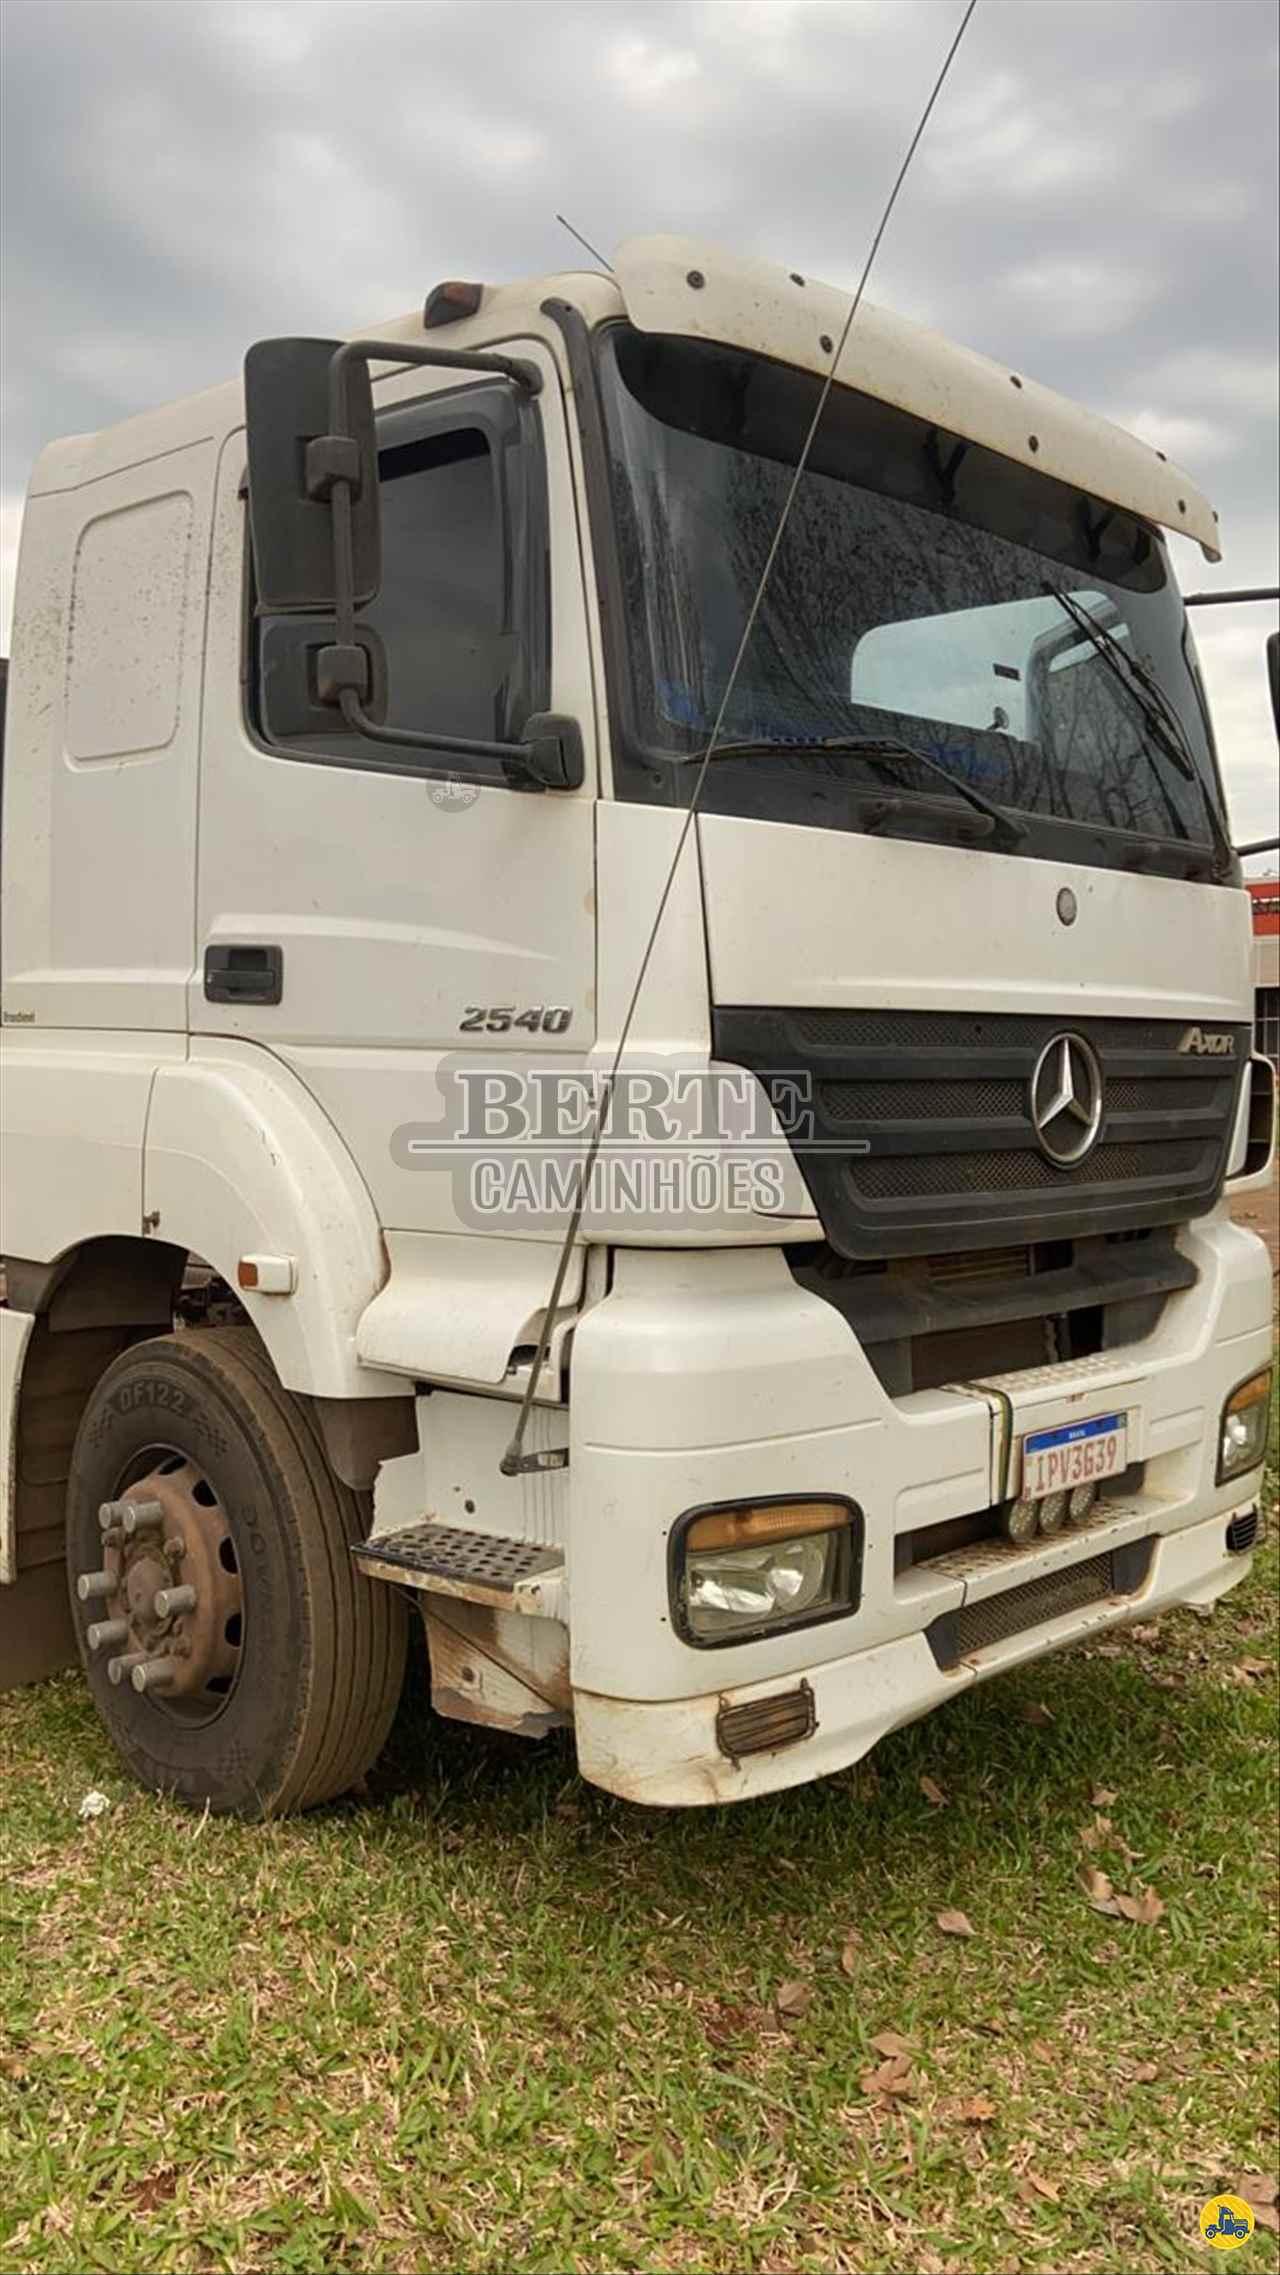 CAMINHAO MERCEDES-BENZ MB 2540 Cavalo Mecânico Truck 6x2 Berte Caminhões SANTA ROSA RIO GRANDE DO SUL RS